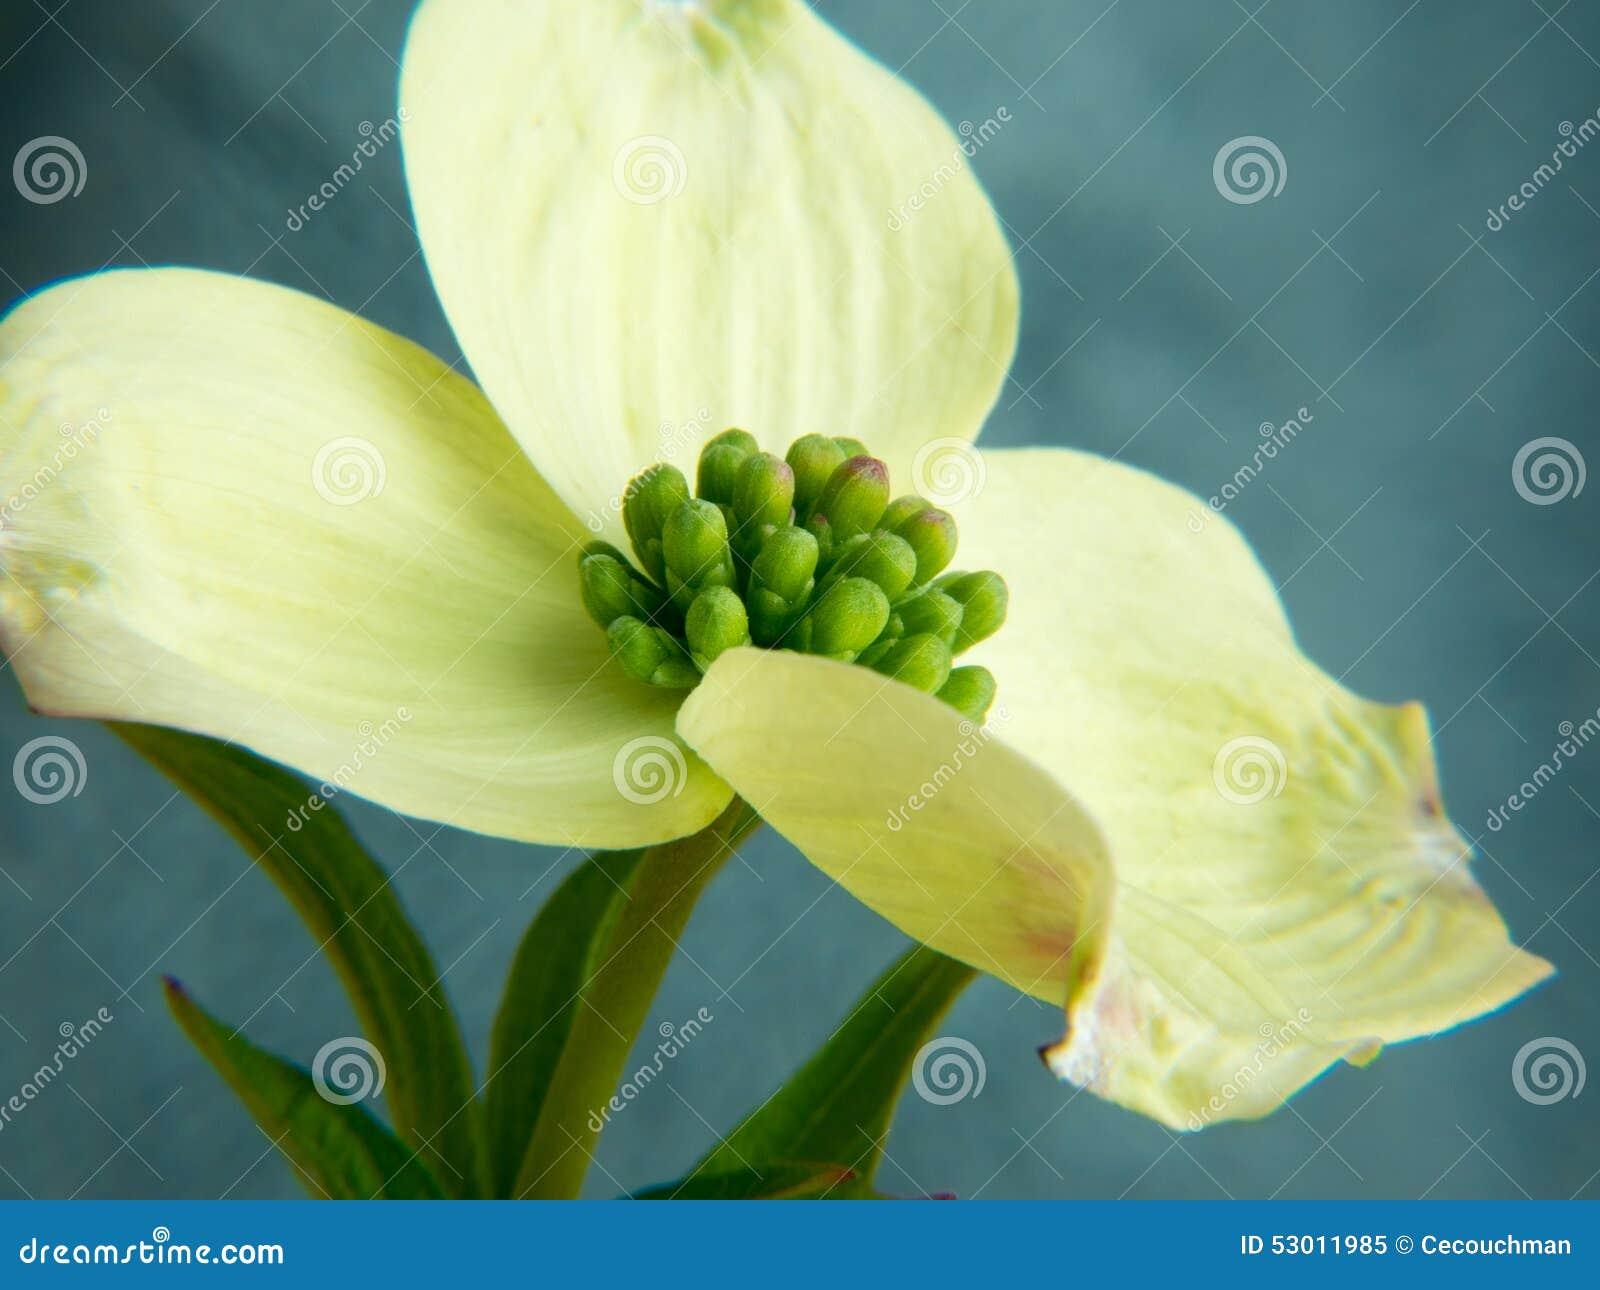 Dogwood Blossom Closeup